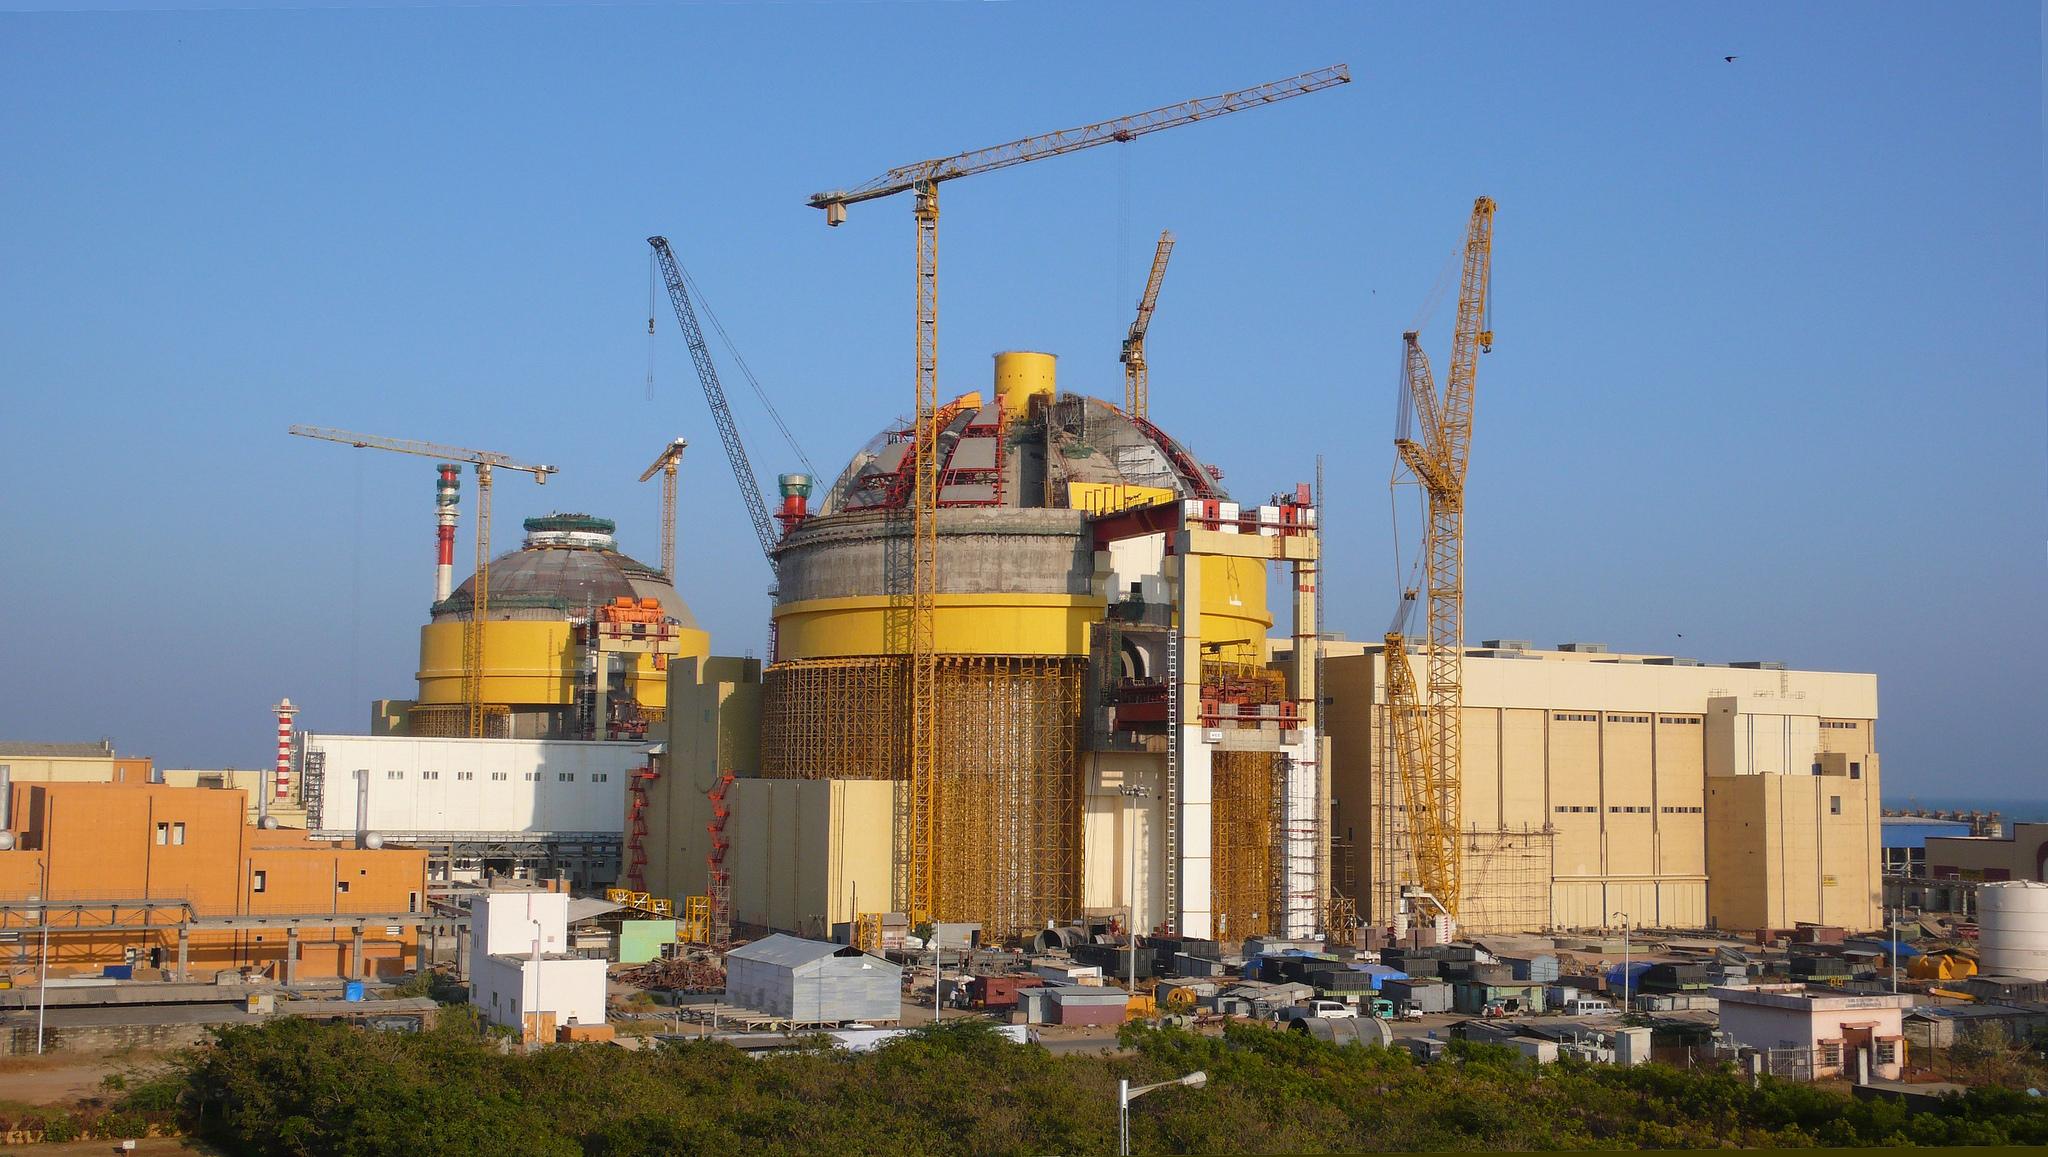 Vláda Indie: Druhý blok jaderné elektrárny Kudankulam bude spuštěn do poloviny roku 2016